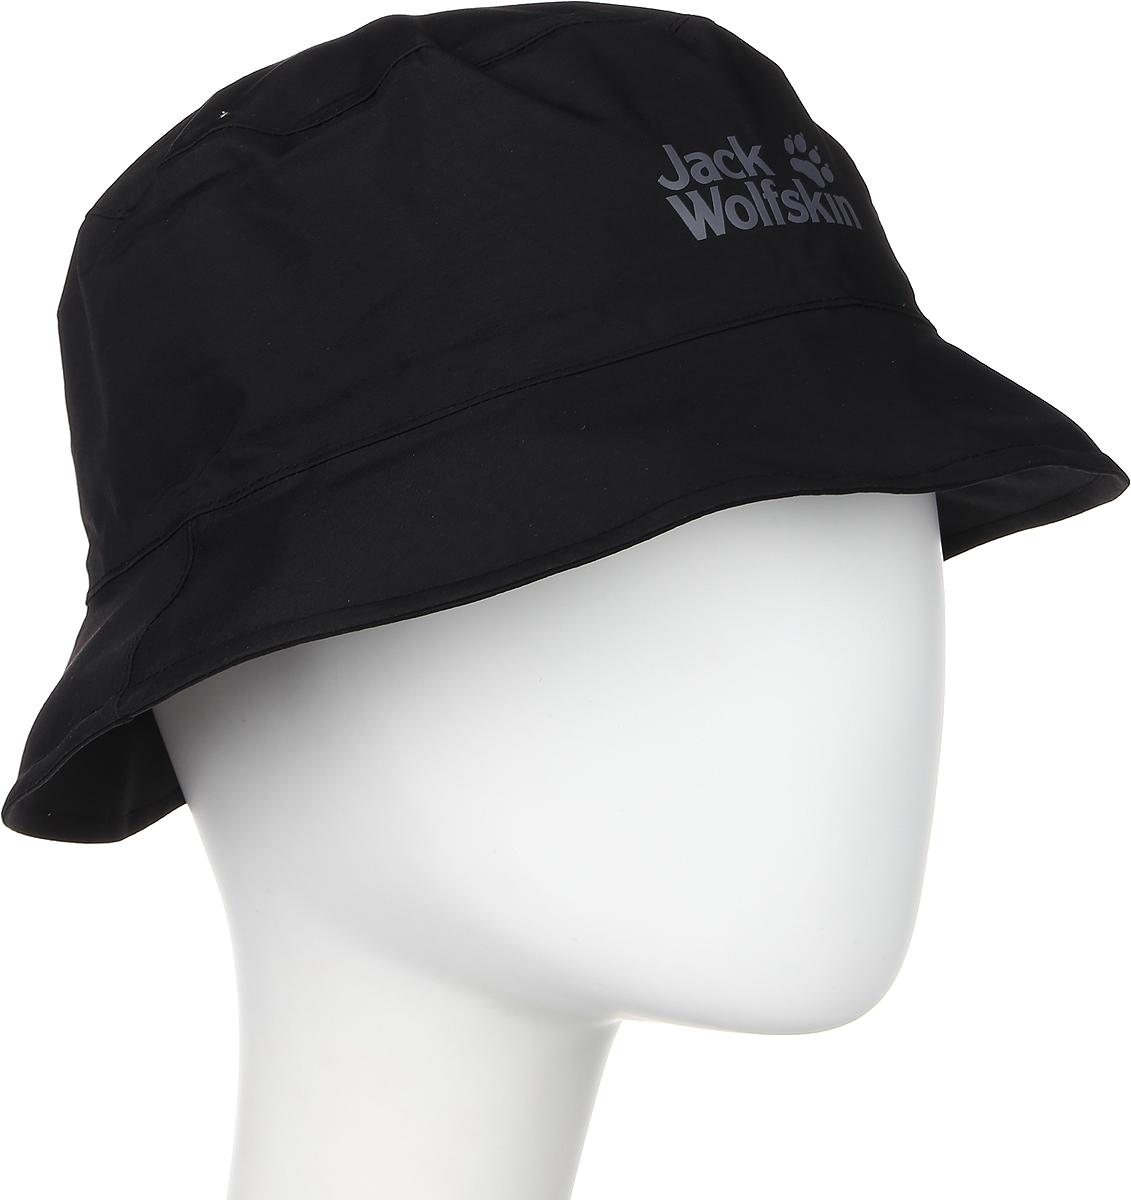 Панама Jack Wolfskin Texapore Rain Hat, цвет: черный. 1902771-6000. Размер L (57/60)1902771-6000Панама Texapore Rain Hat идеально подходит для путешествий. Верх изделия выполнен из материала TEXAPORE 2L (100% полиамид). Это водонепроницаемый, не продуваемый и дышащий материал, который позволит защитить вашу головку от дождя и сильного ветра. Подкладка изготовлена из легкого материала COOLMAX MESH (100% полиэстер), который создает прохладу и обеспечивает комфорт при носке. Модель выполнена в однотонном дизайне и дополнена логотипом бренда.